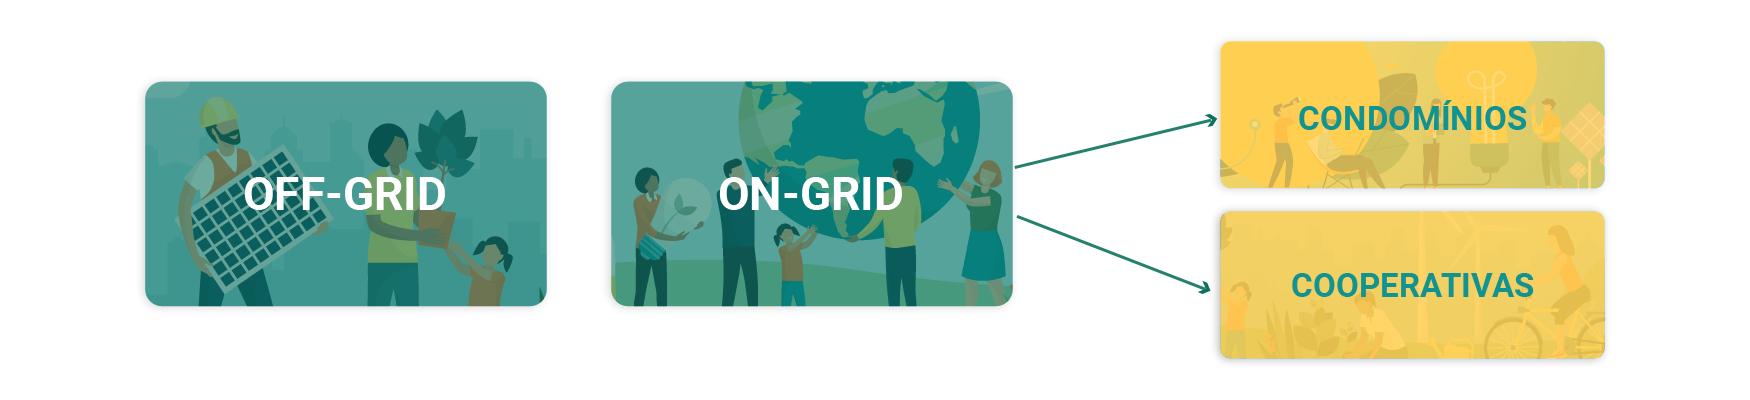 Off-grid versus On-Grid que pode ser subdivido em condomínios e cooperativas